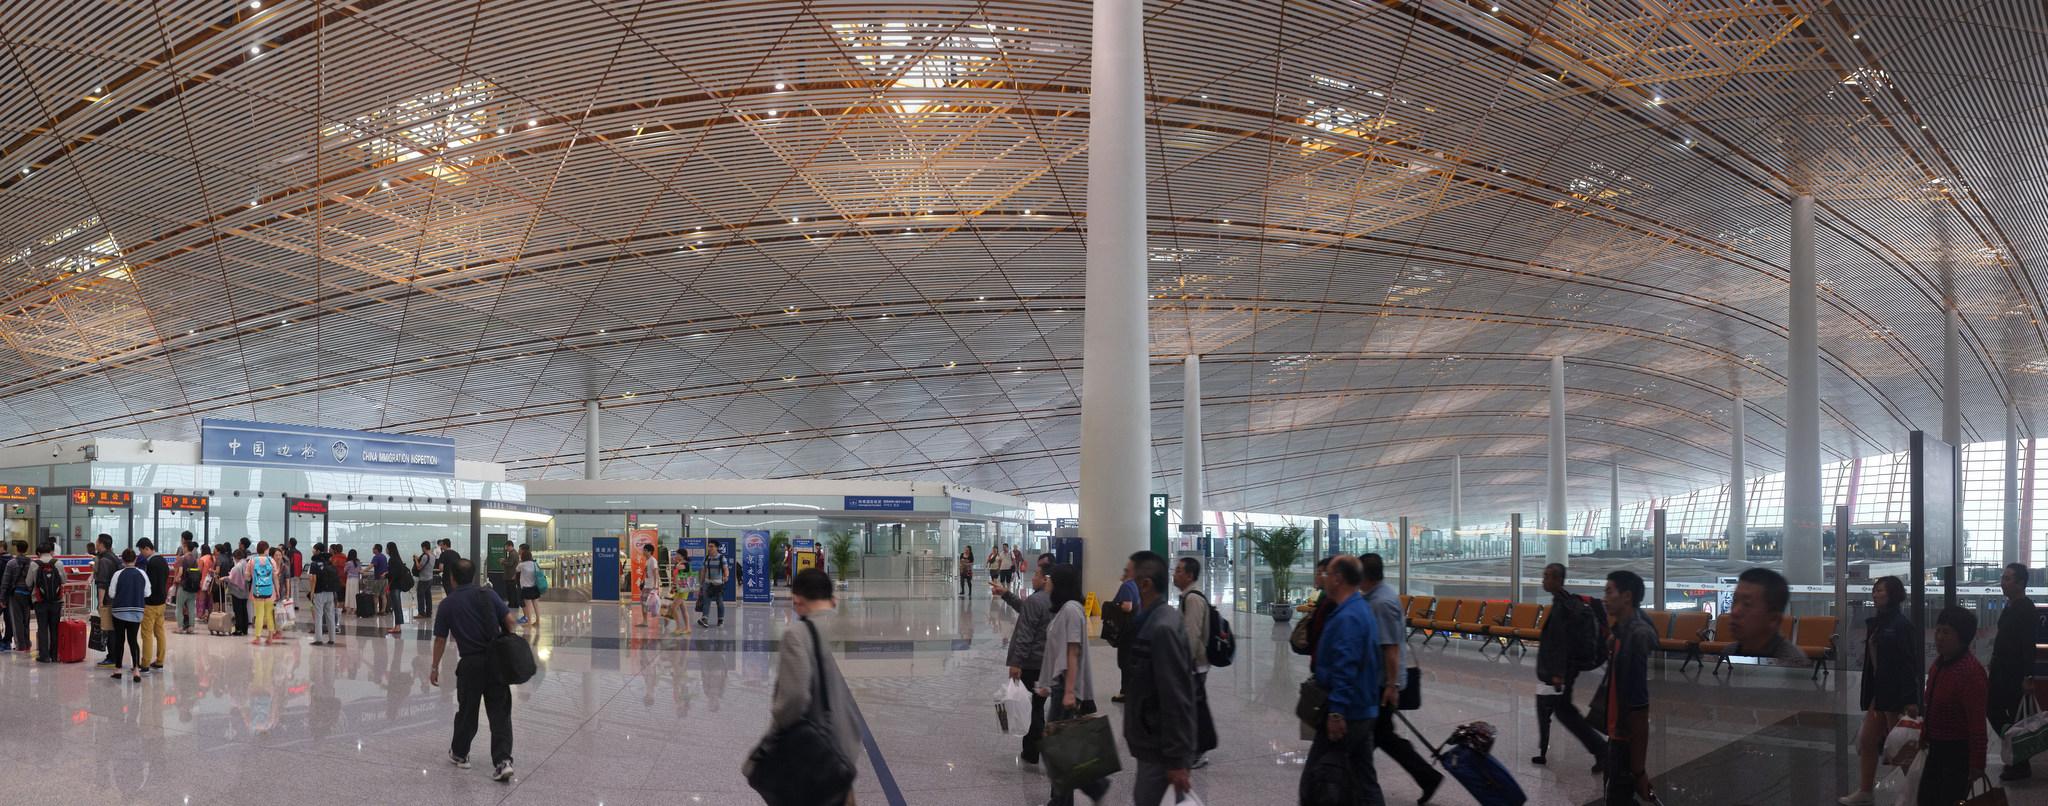 1-ankunft beijing airport-001